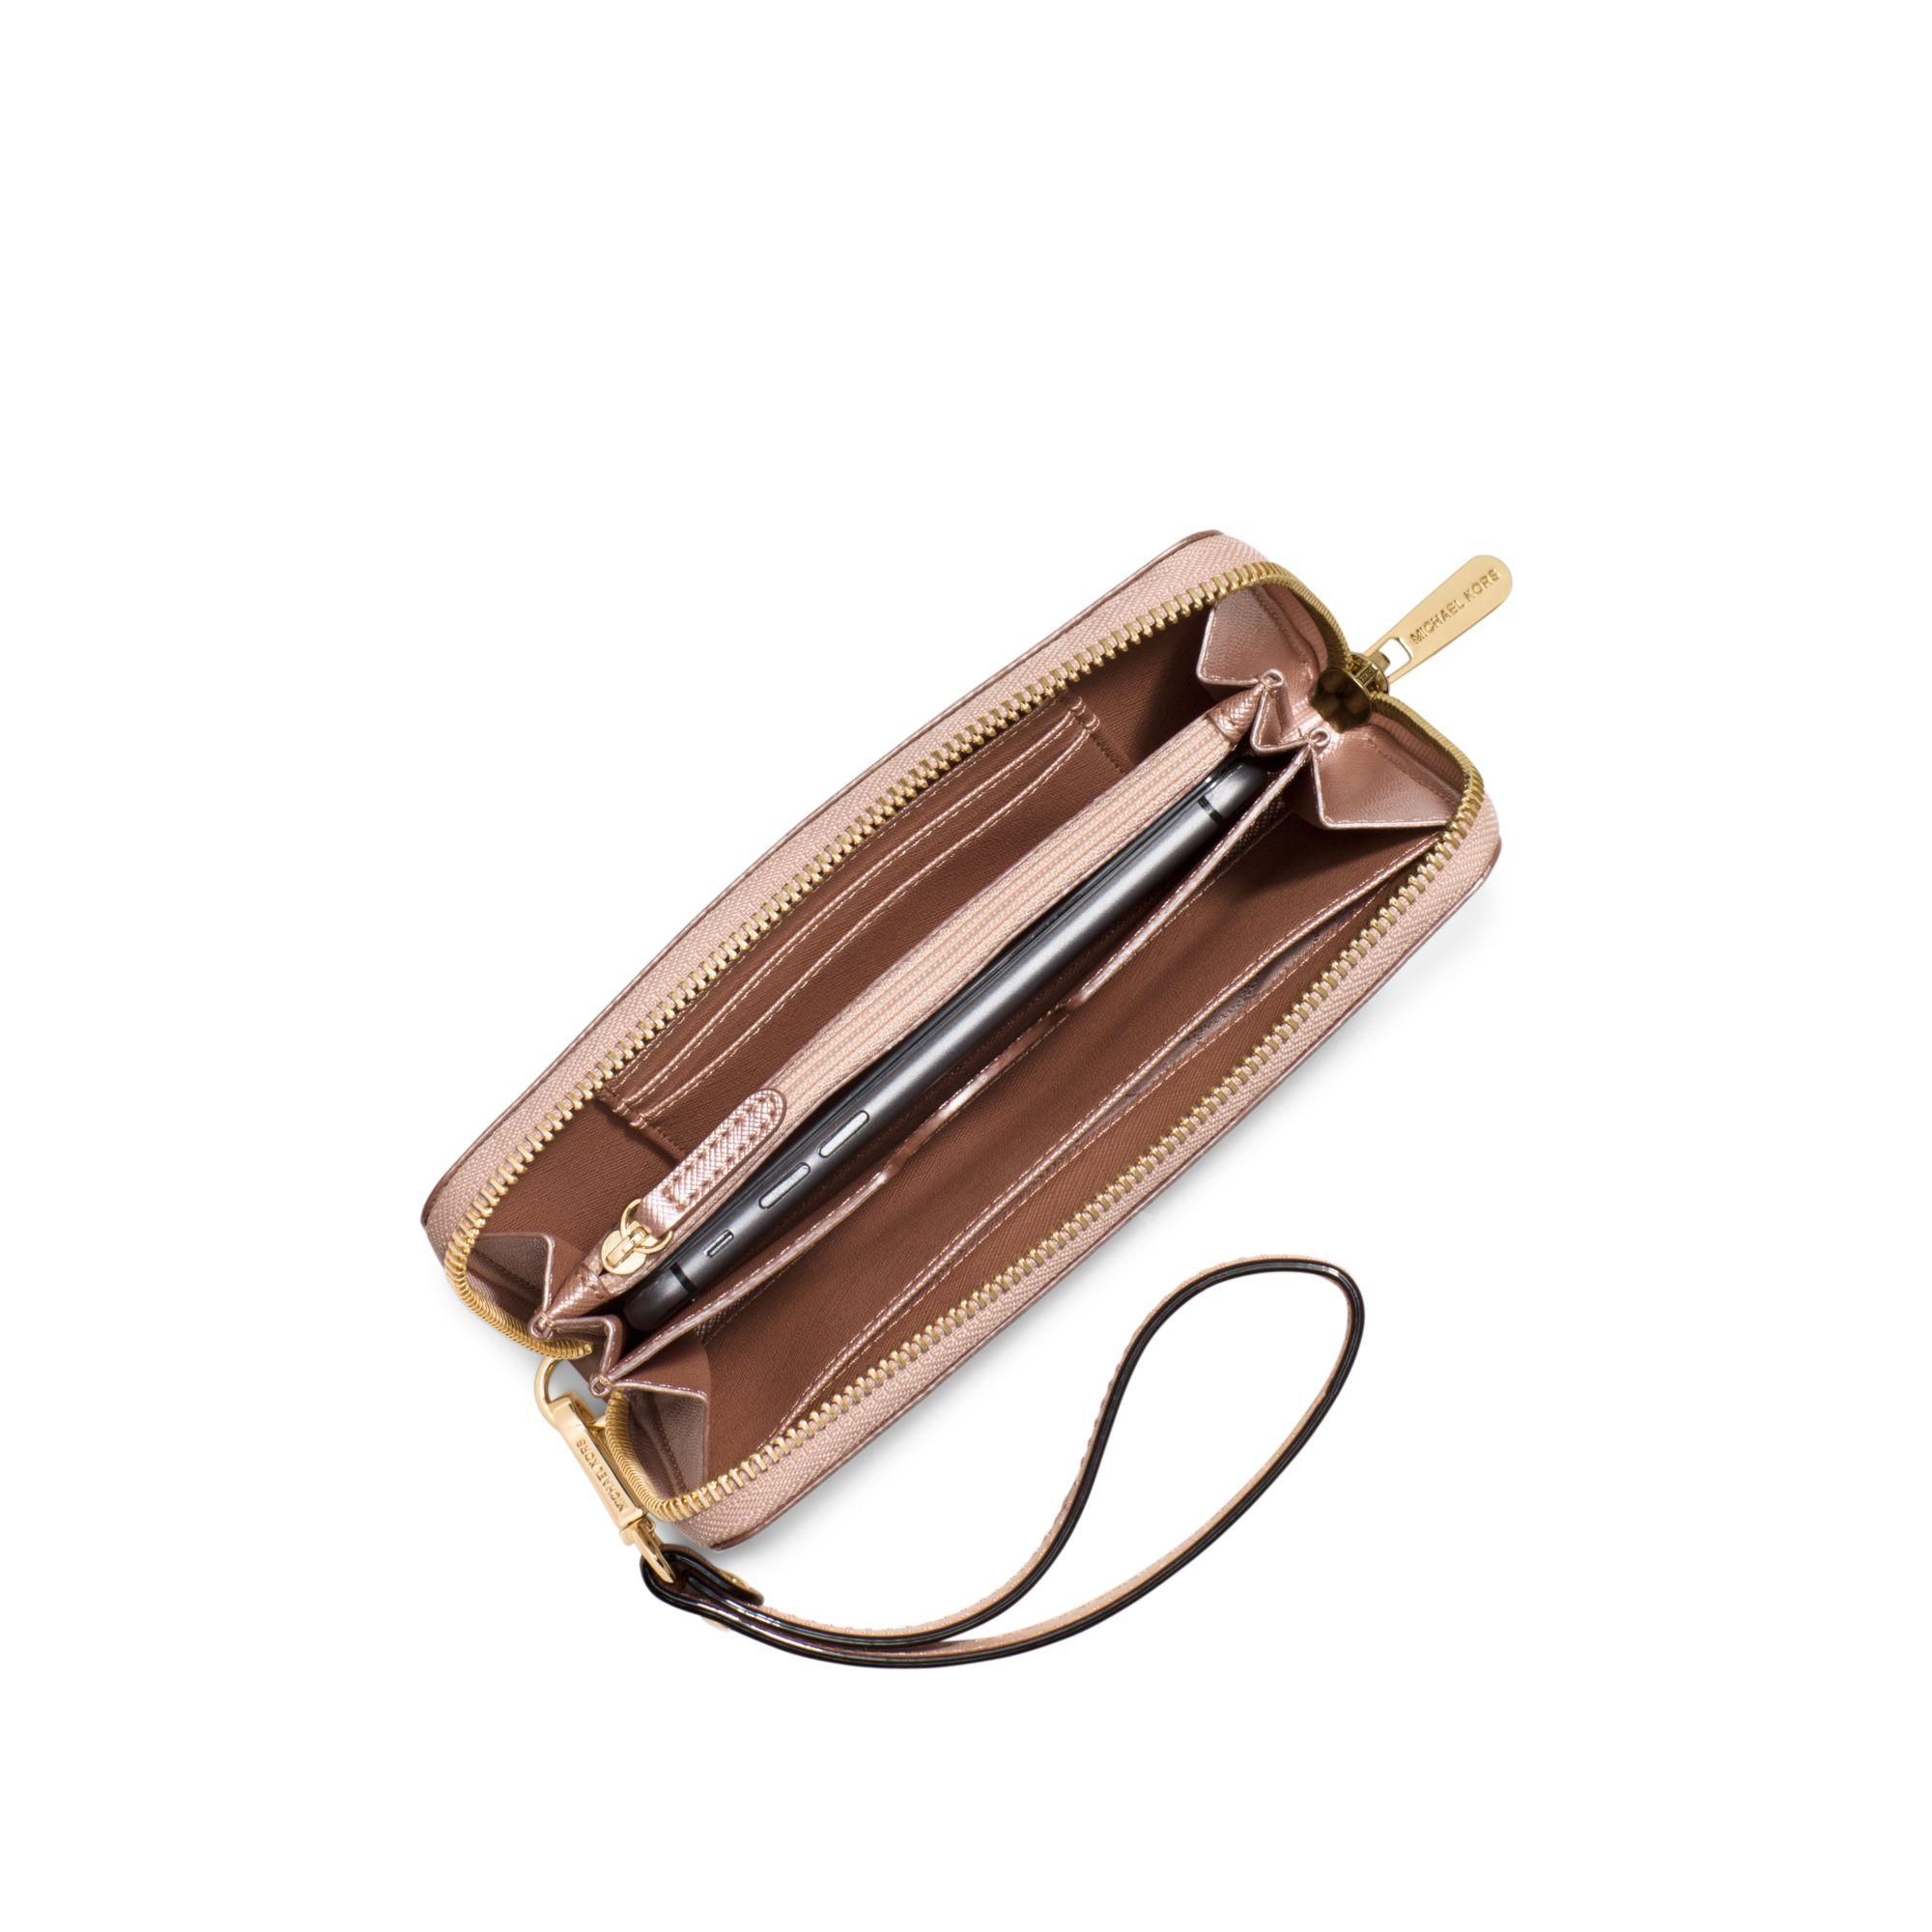 88af022145d0d7 Michael Kors Jet Set Large Patent-leather Smartphone Wristlet in ...